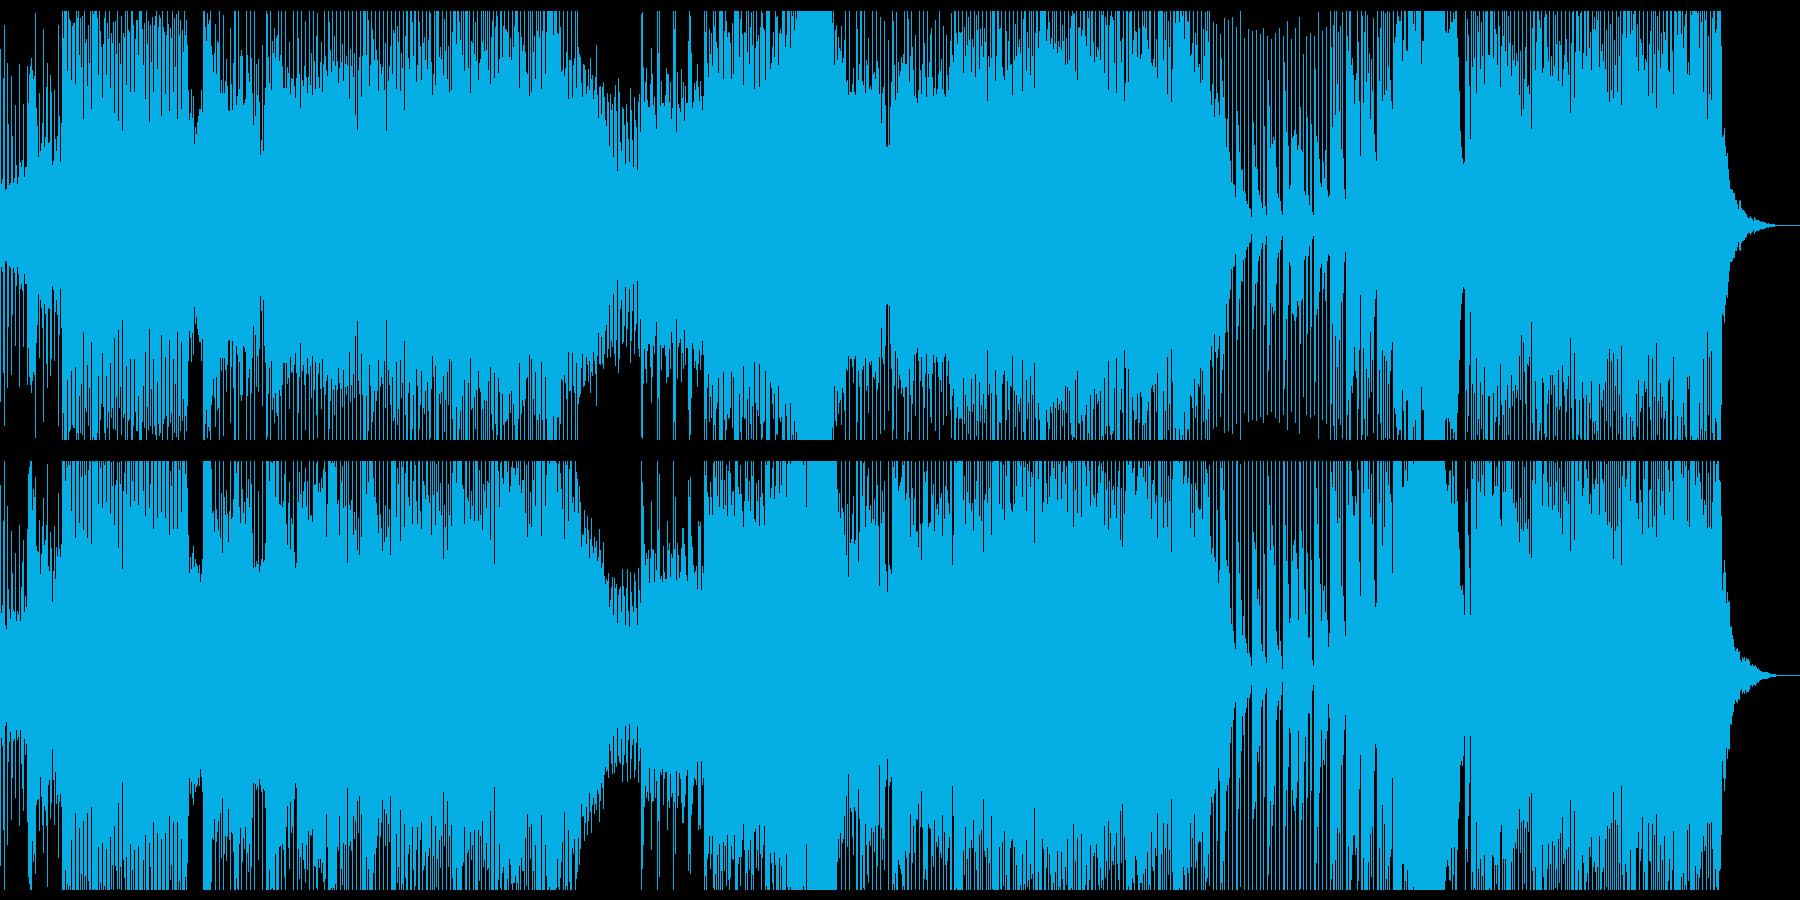 ゆるく流しておけるチル系DnBのBGMの再生済みの波形